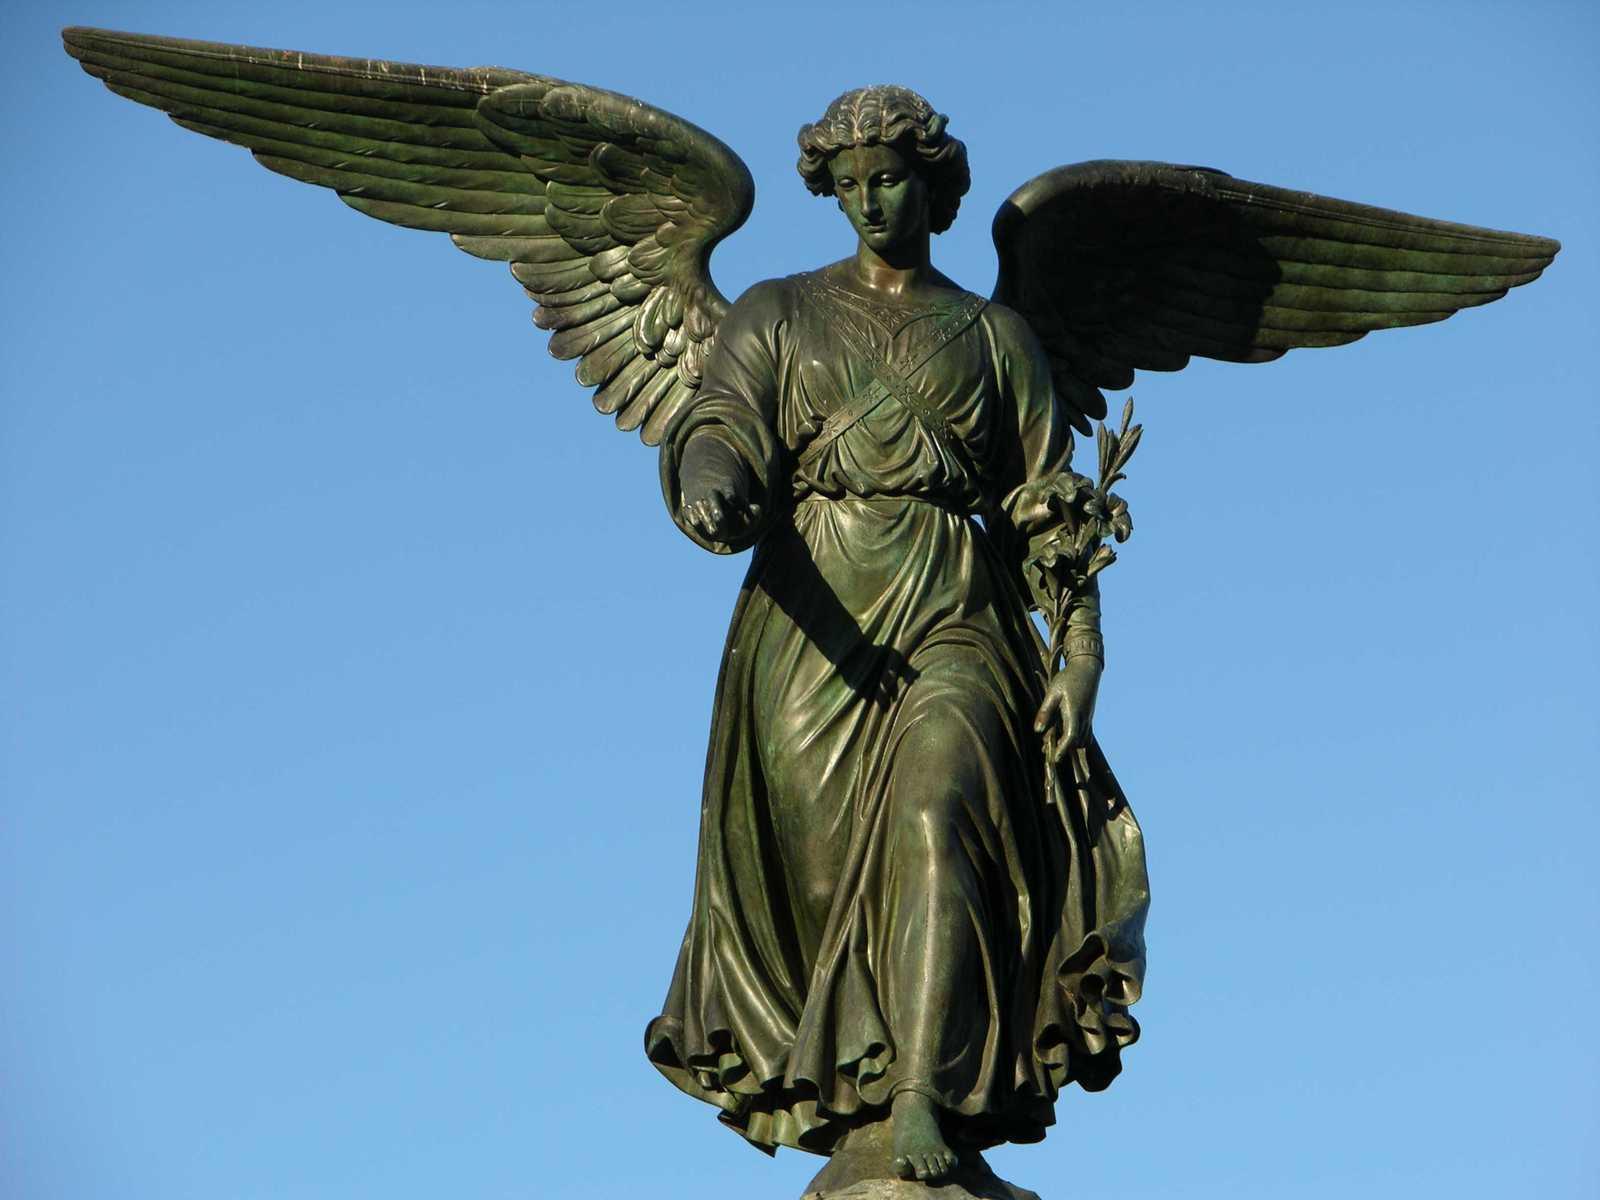 Free Bethesda Central Park Stock Photo - FreeImages com